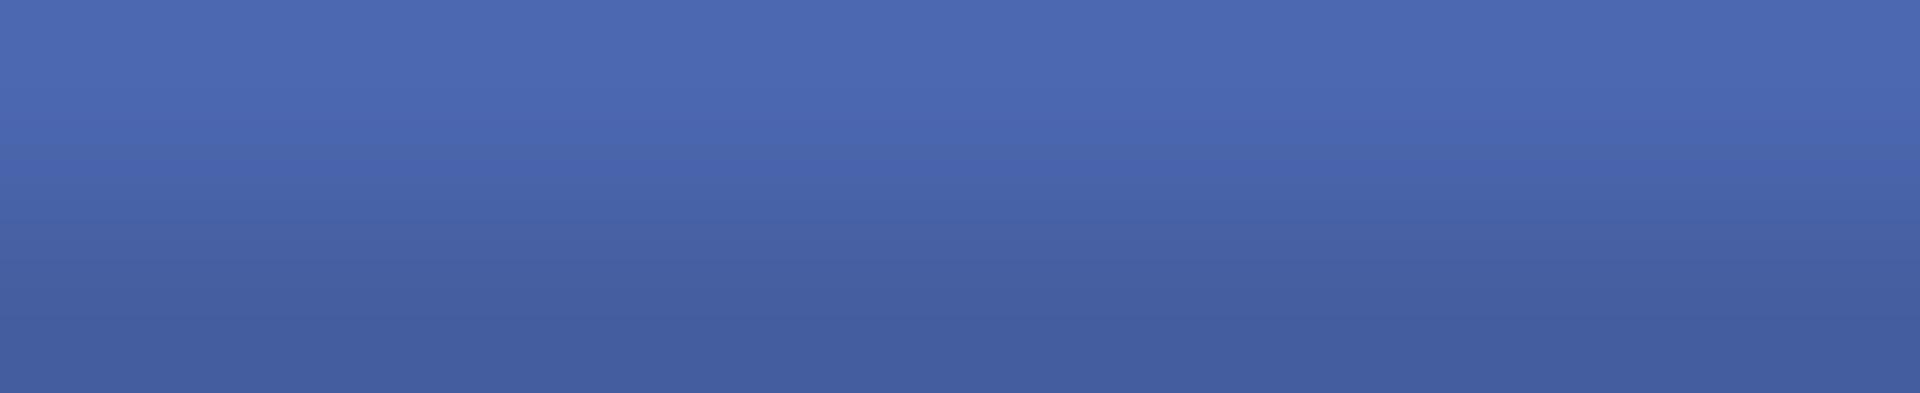 タブレットと iPad に表示された Visio Online プラン 2 の図面